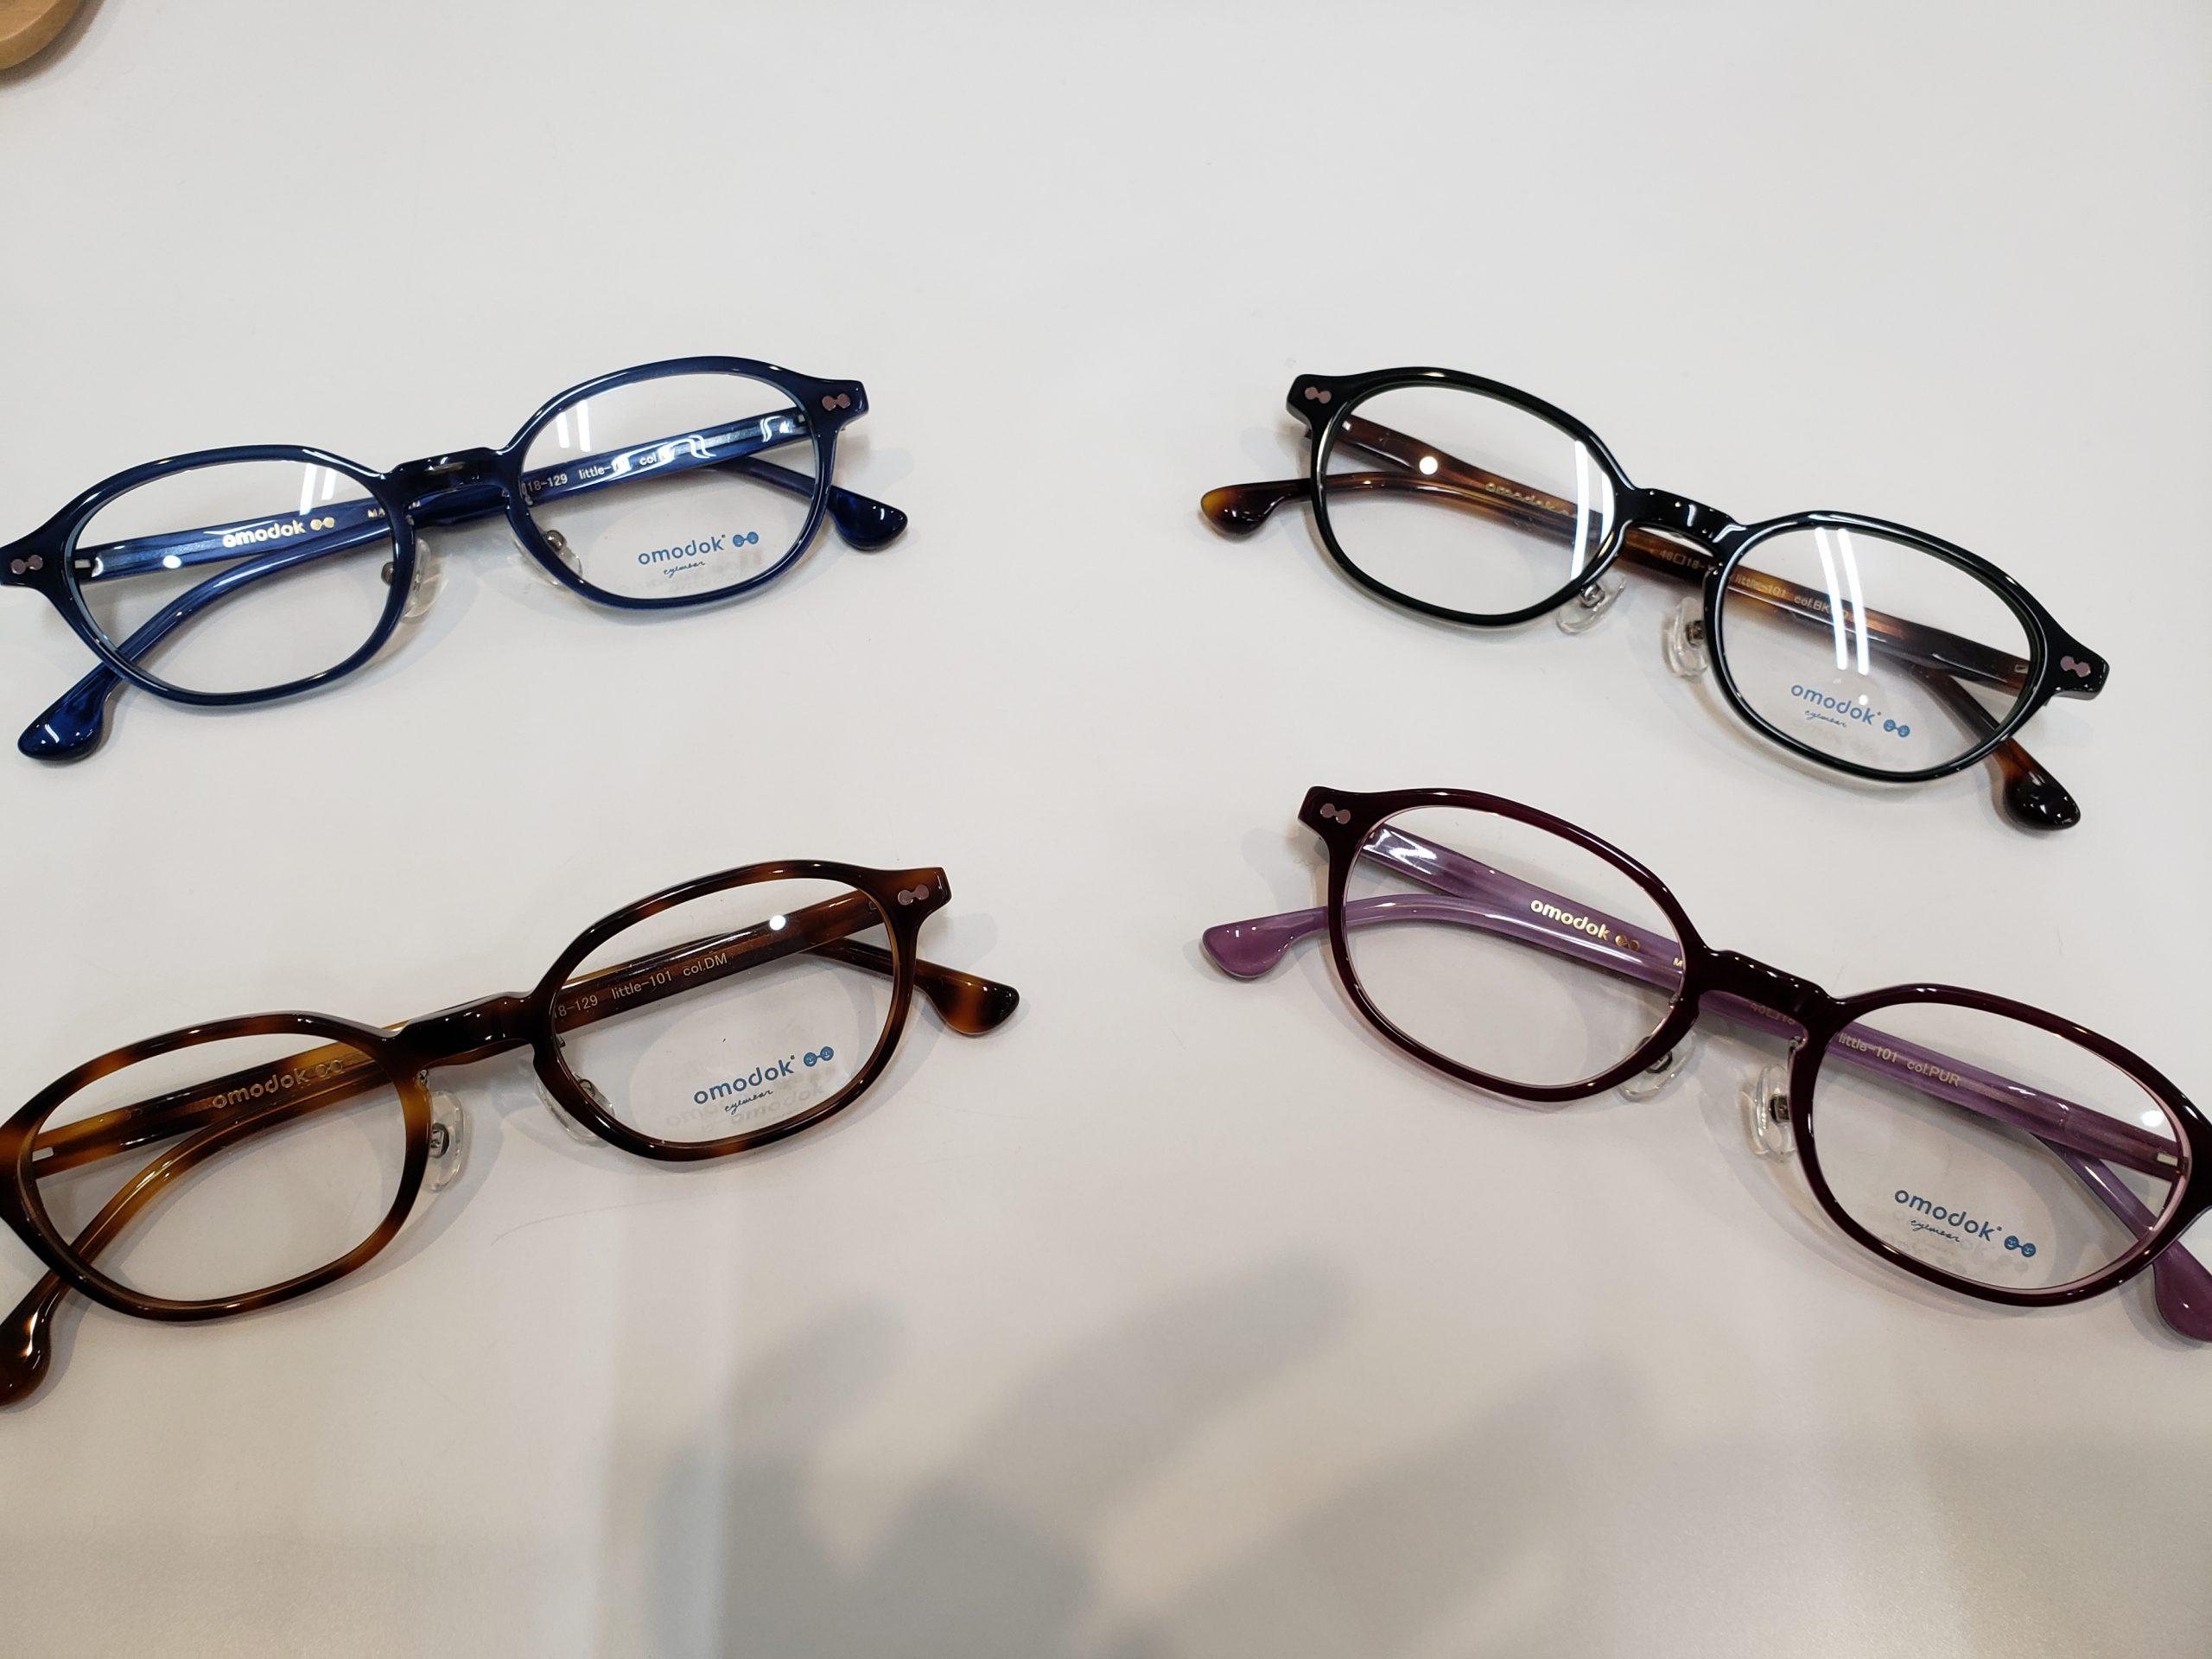 野田 メガネ 眼鏡 めがね こどもメガネ こどもめがね オモドック omodok 弱視治療用 サングラス 愛宕駅 オシャレ 偏光 調光 サングラス